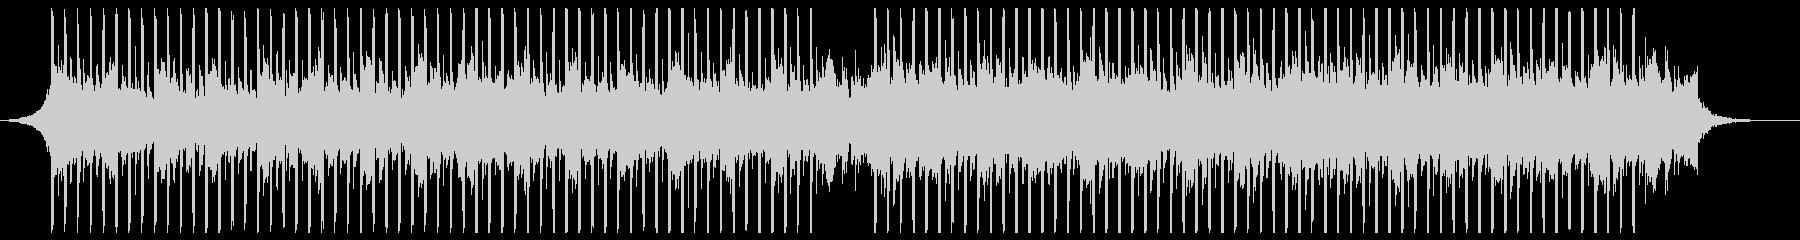 マーケティング(70秒)の未再生の波形